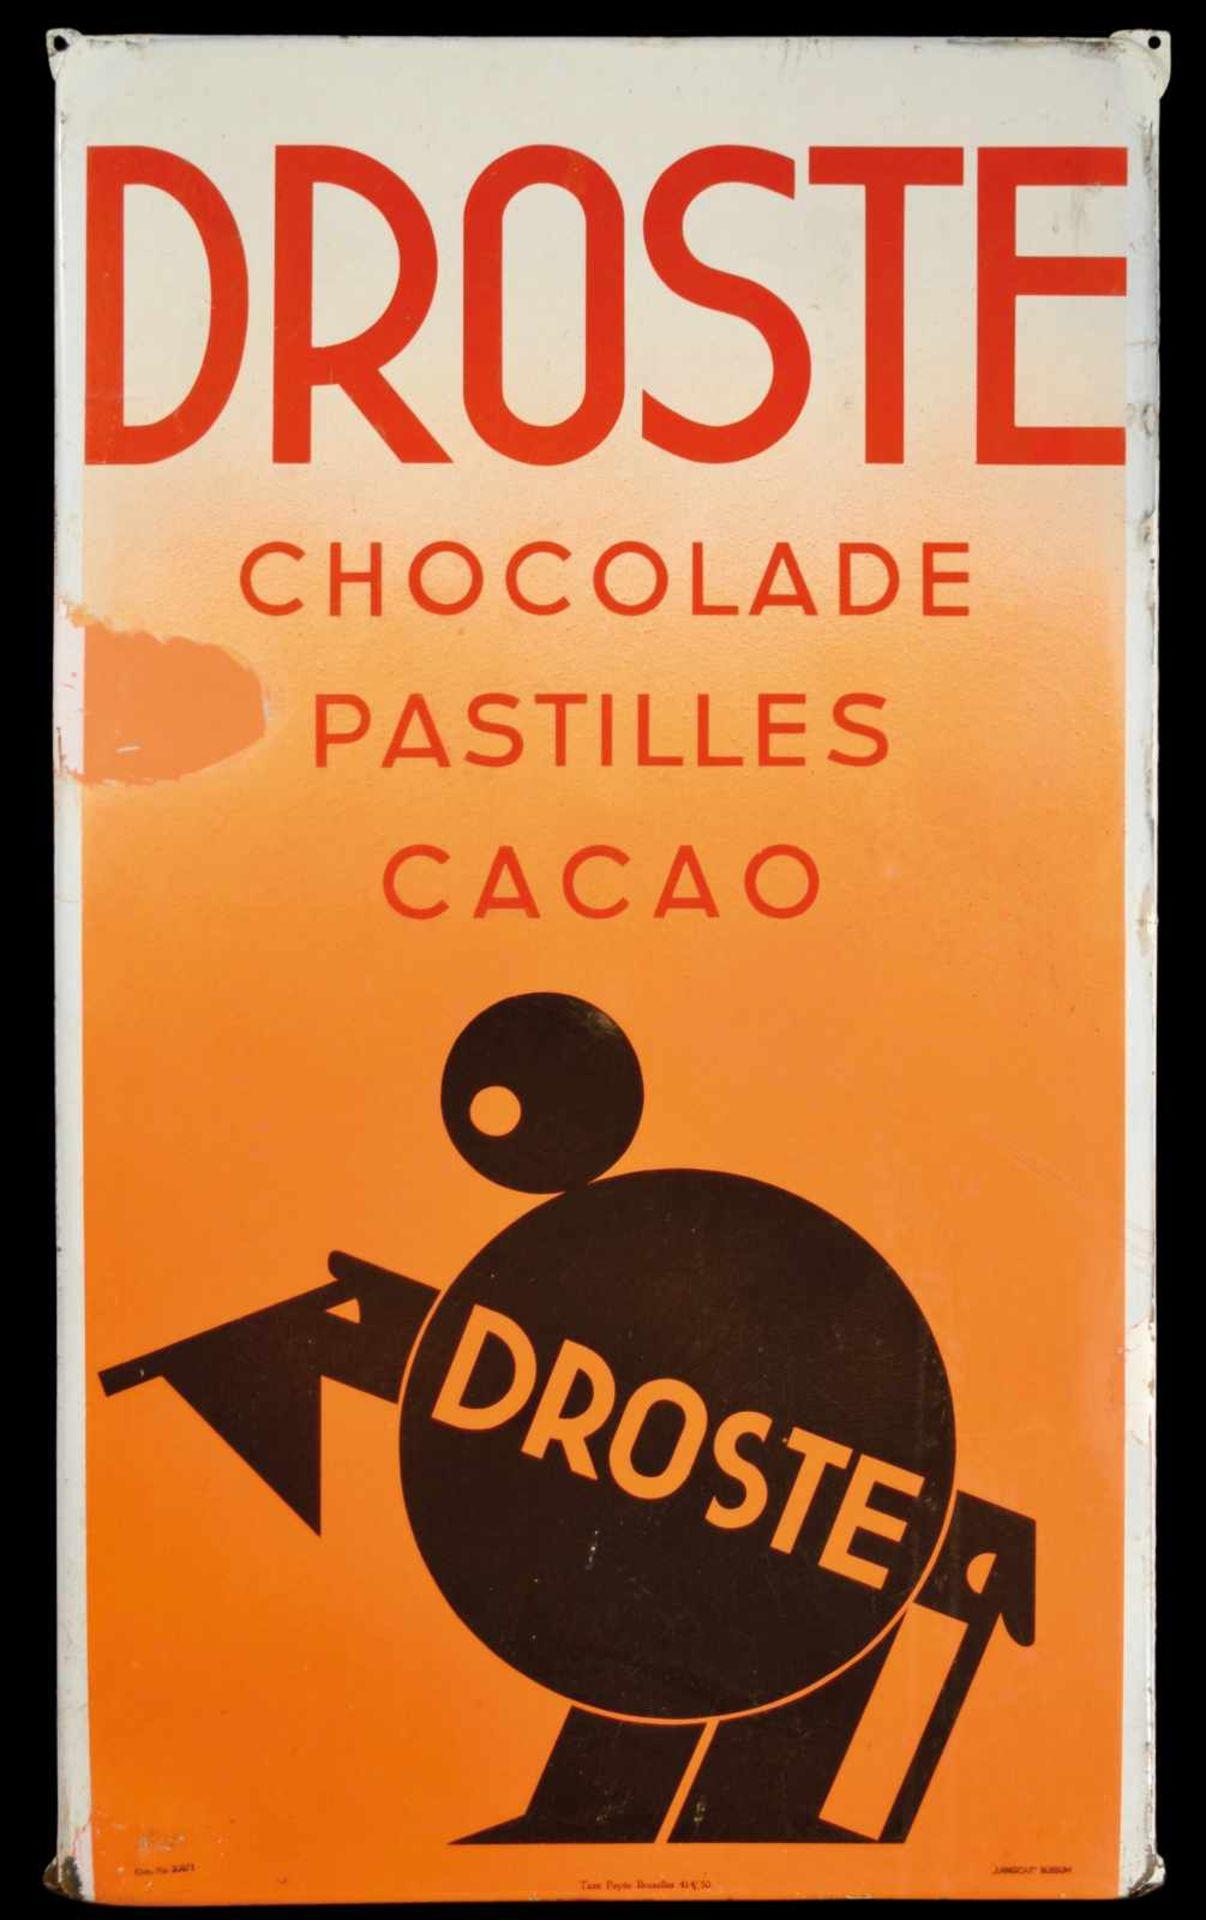 DROSTE CHOCOLADE (R/3) Emailschild, abgekantet, schabloniert und lithographiert, Belgien/Niederlande